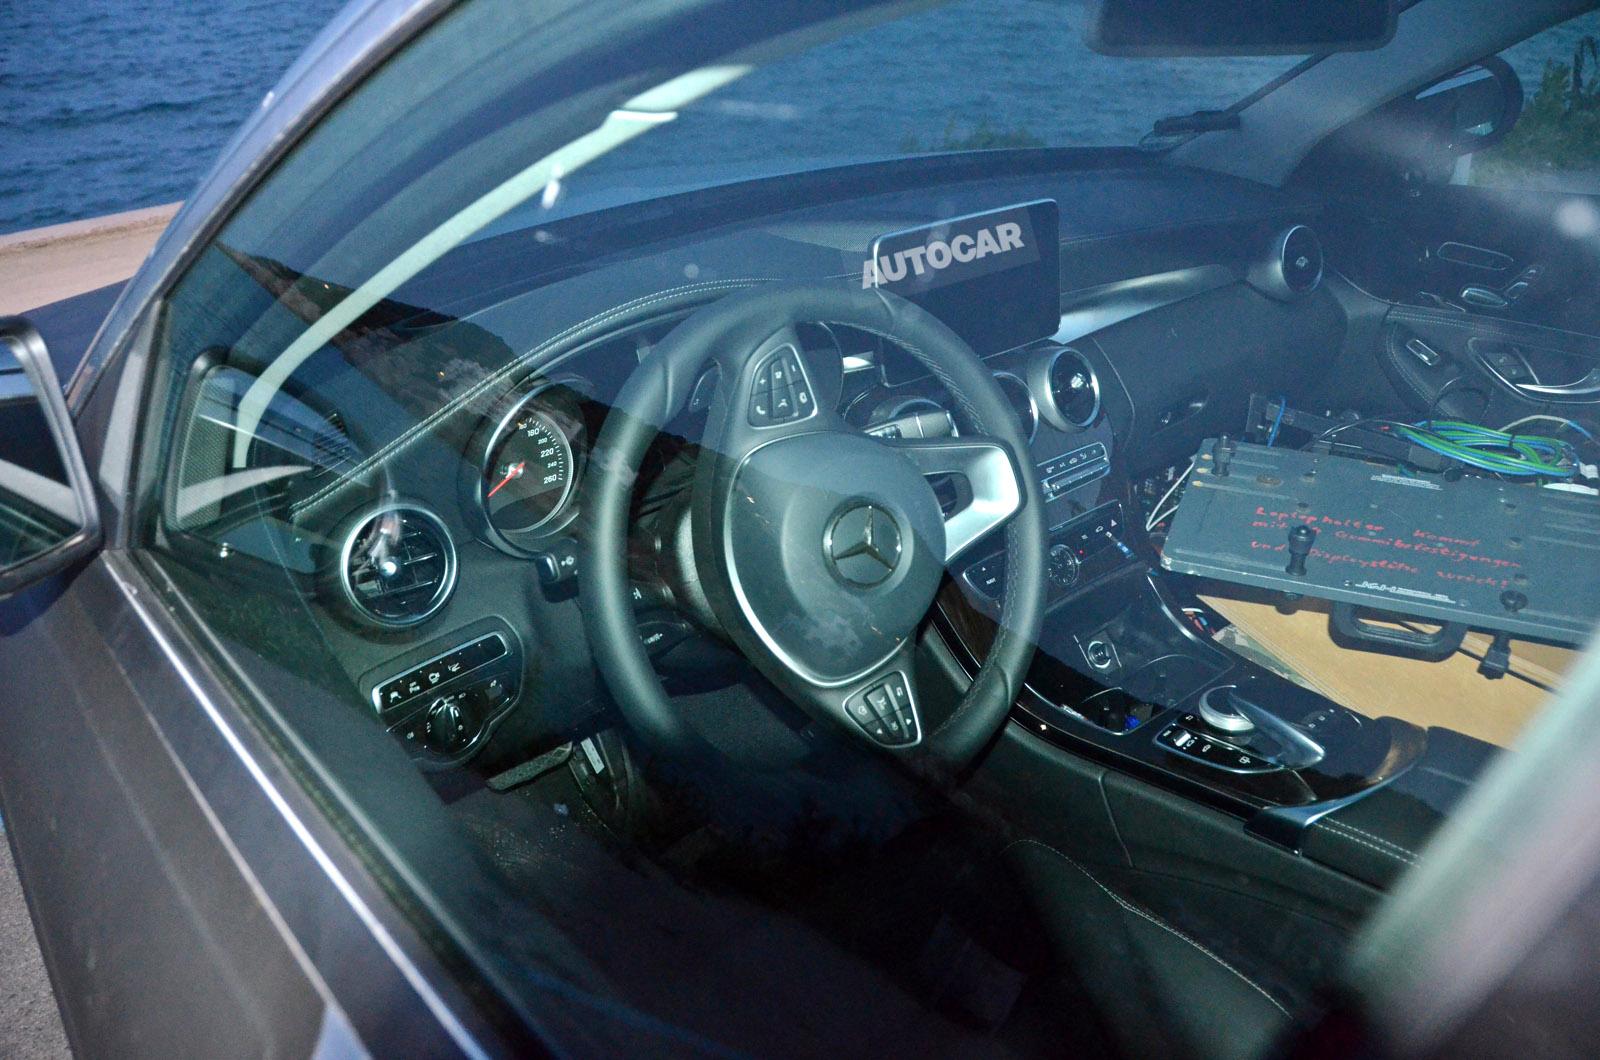 Une Mercedes Classe C Hybride Rechargeable En 2015